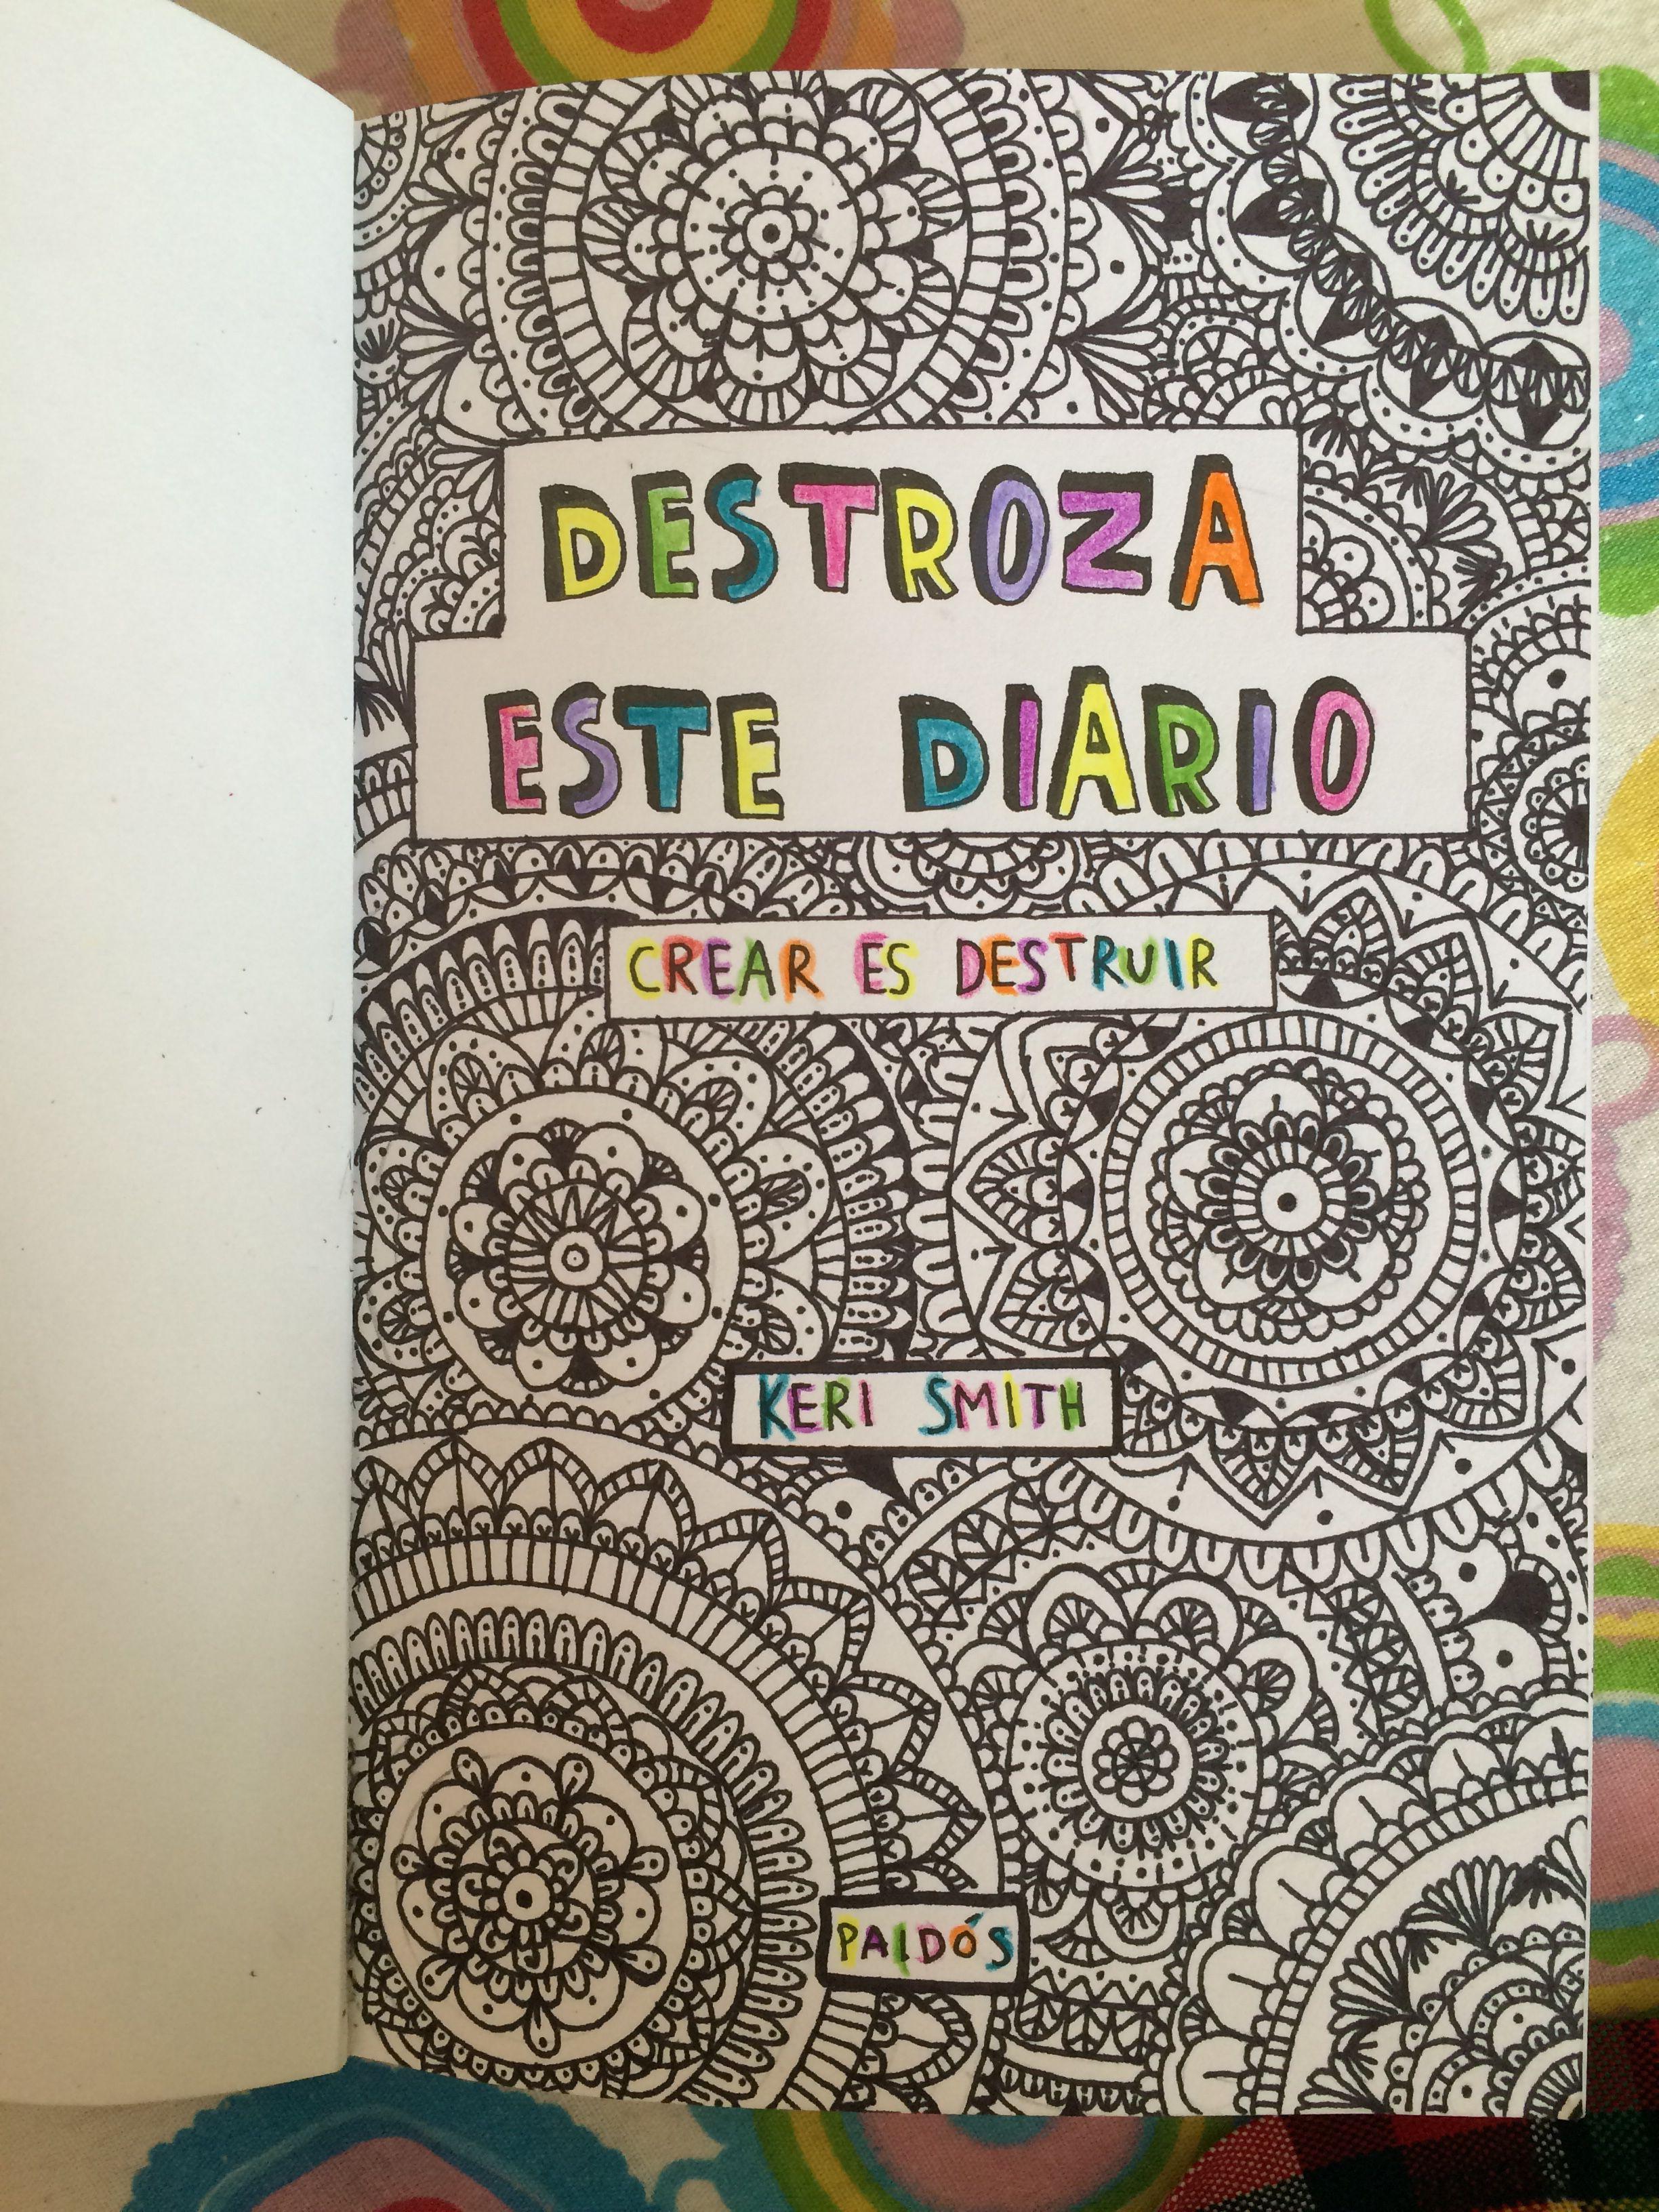 Destroza Este Diario Zentangle Art Wrek This Journal Destroza Este Diario Libro Destroza Este Diario útiles Para La Escuela